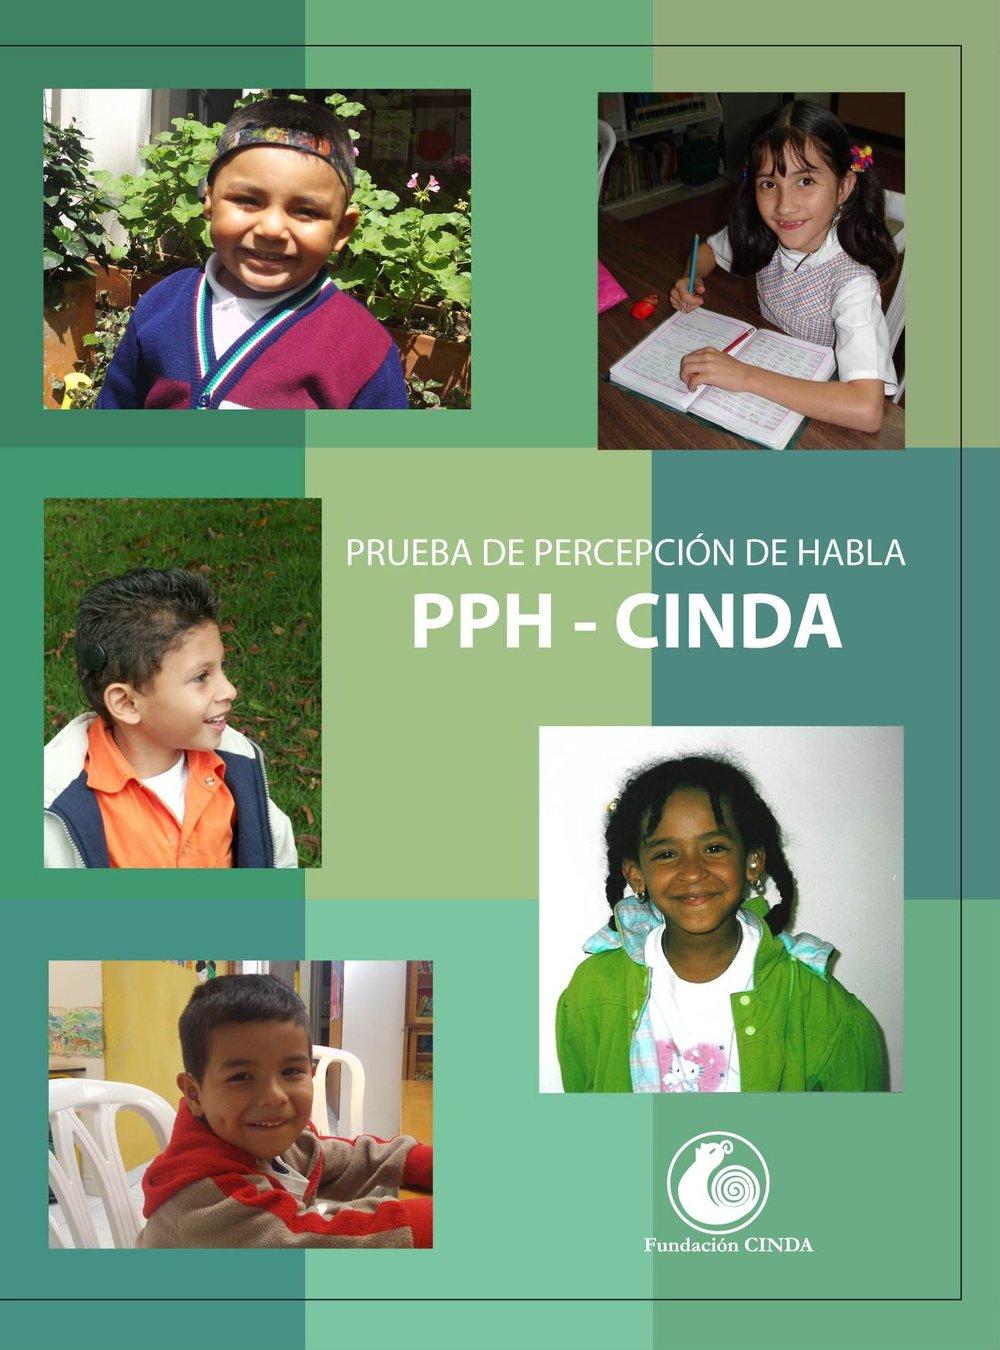 PORTADA PPH CINDA.jpg